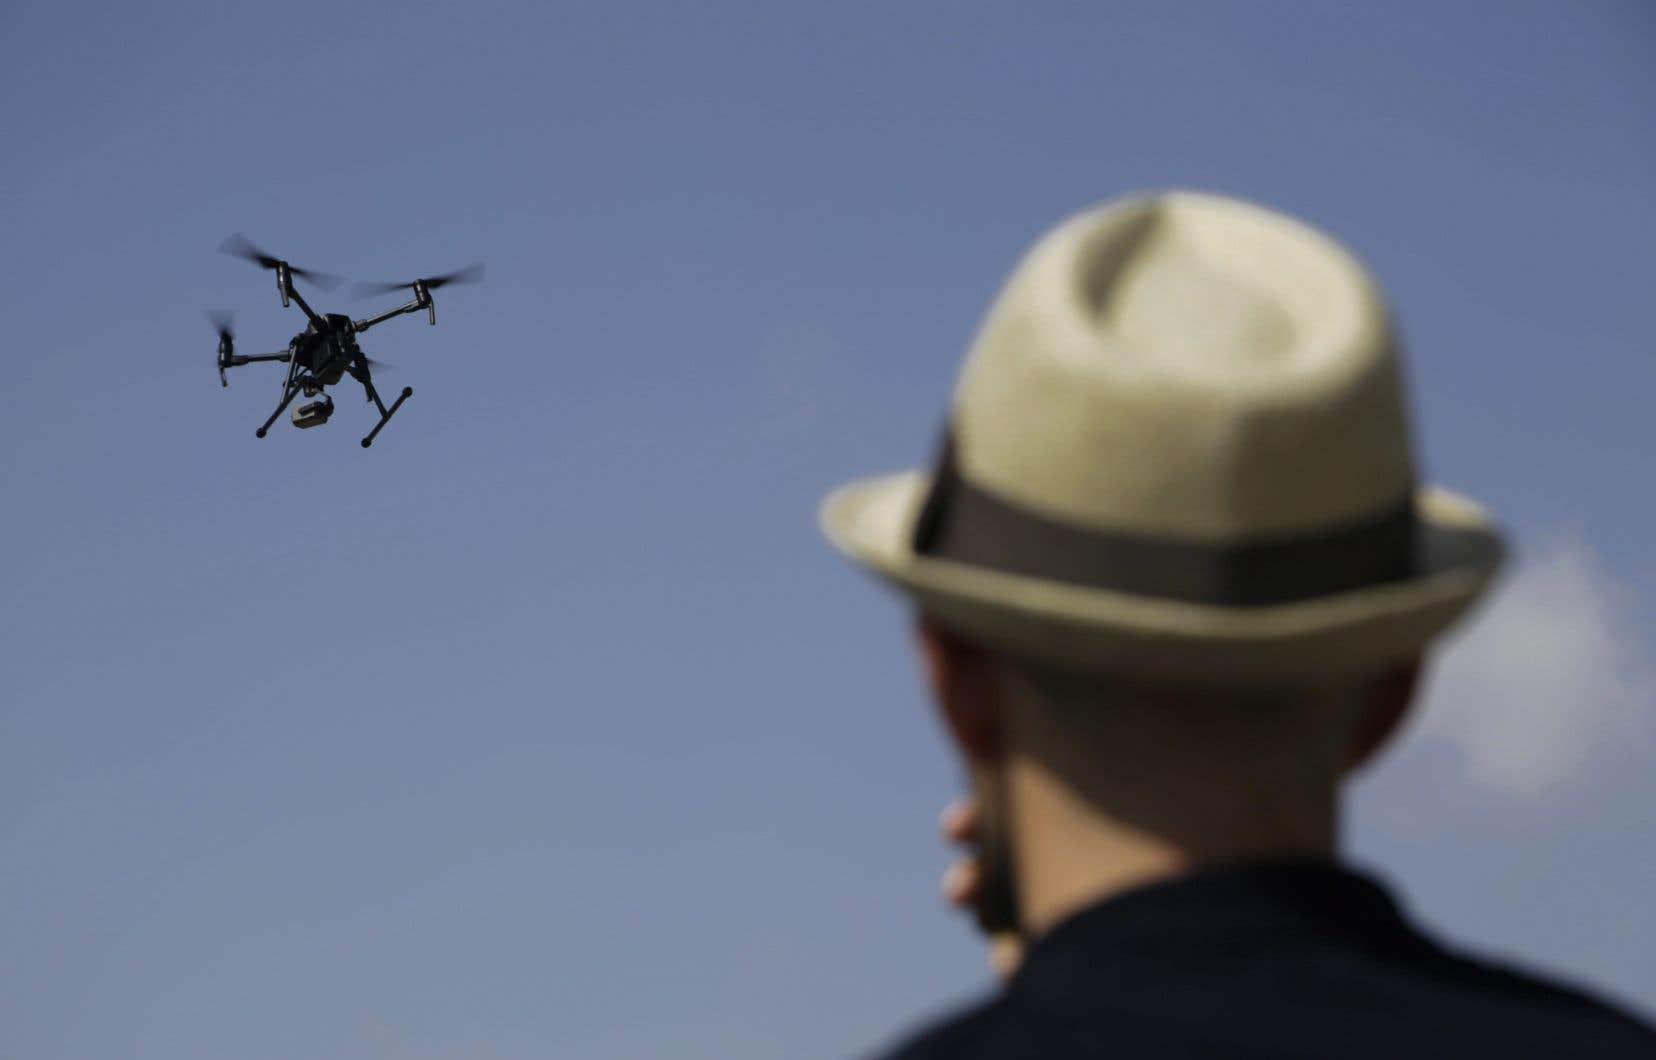 Selon les règles intérimaires adoptées par Transports Canada, l'usage d'un drone à des fins de loisirs est interdit dans un rayon de moins de 5,5 kilomètres autour de tout aéroport